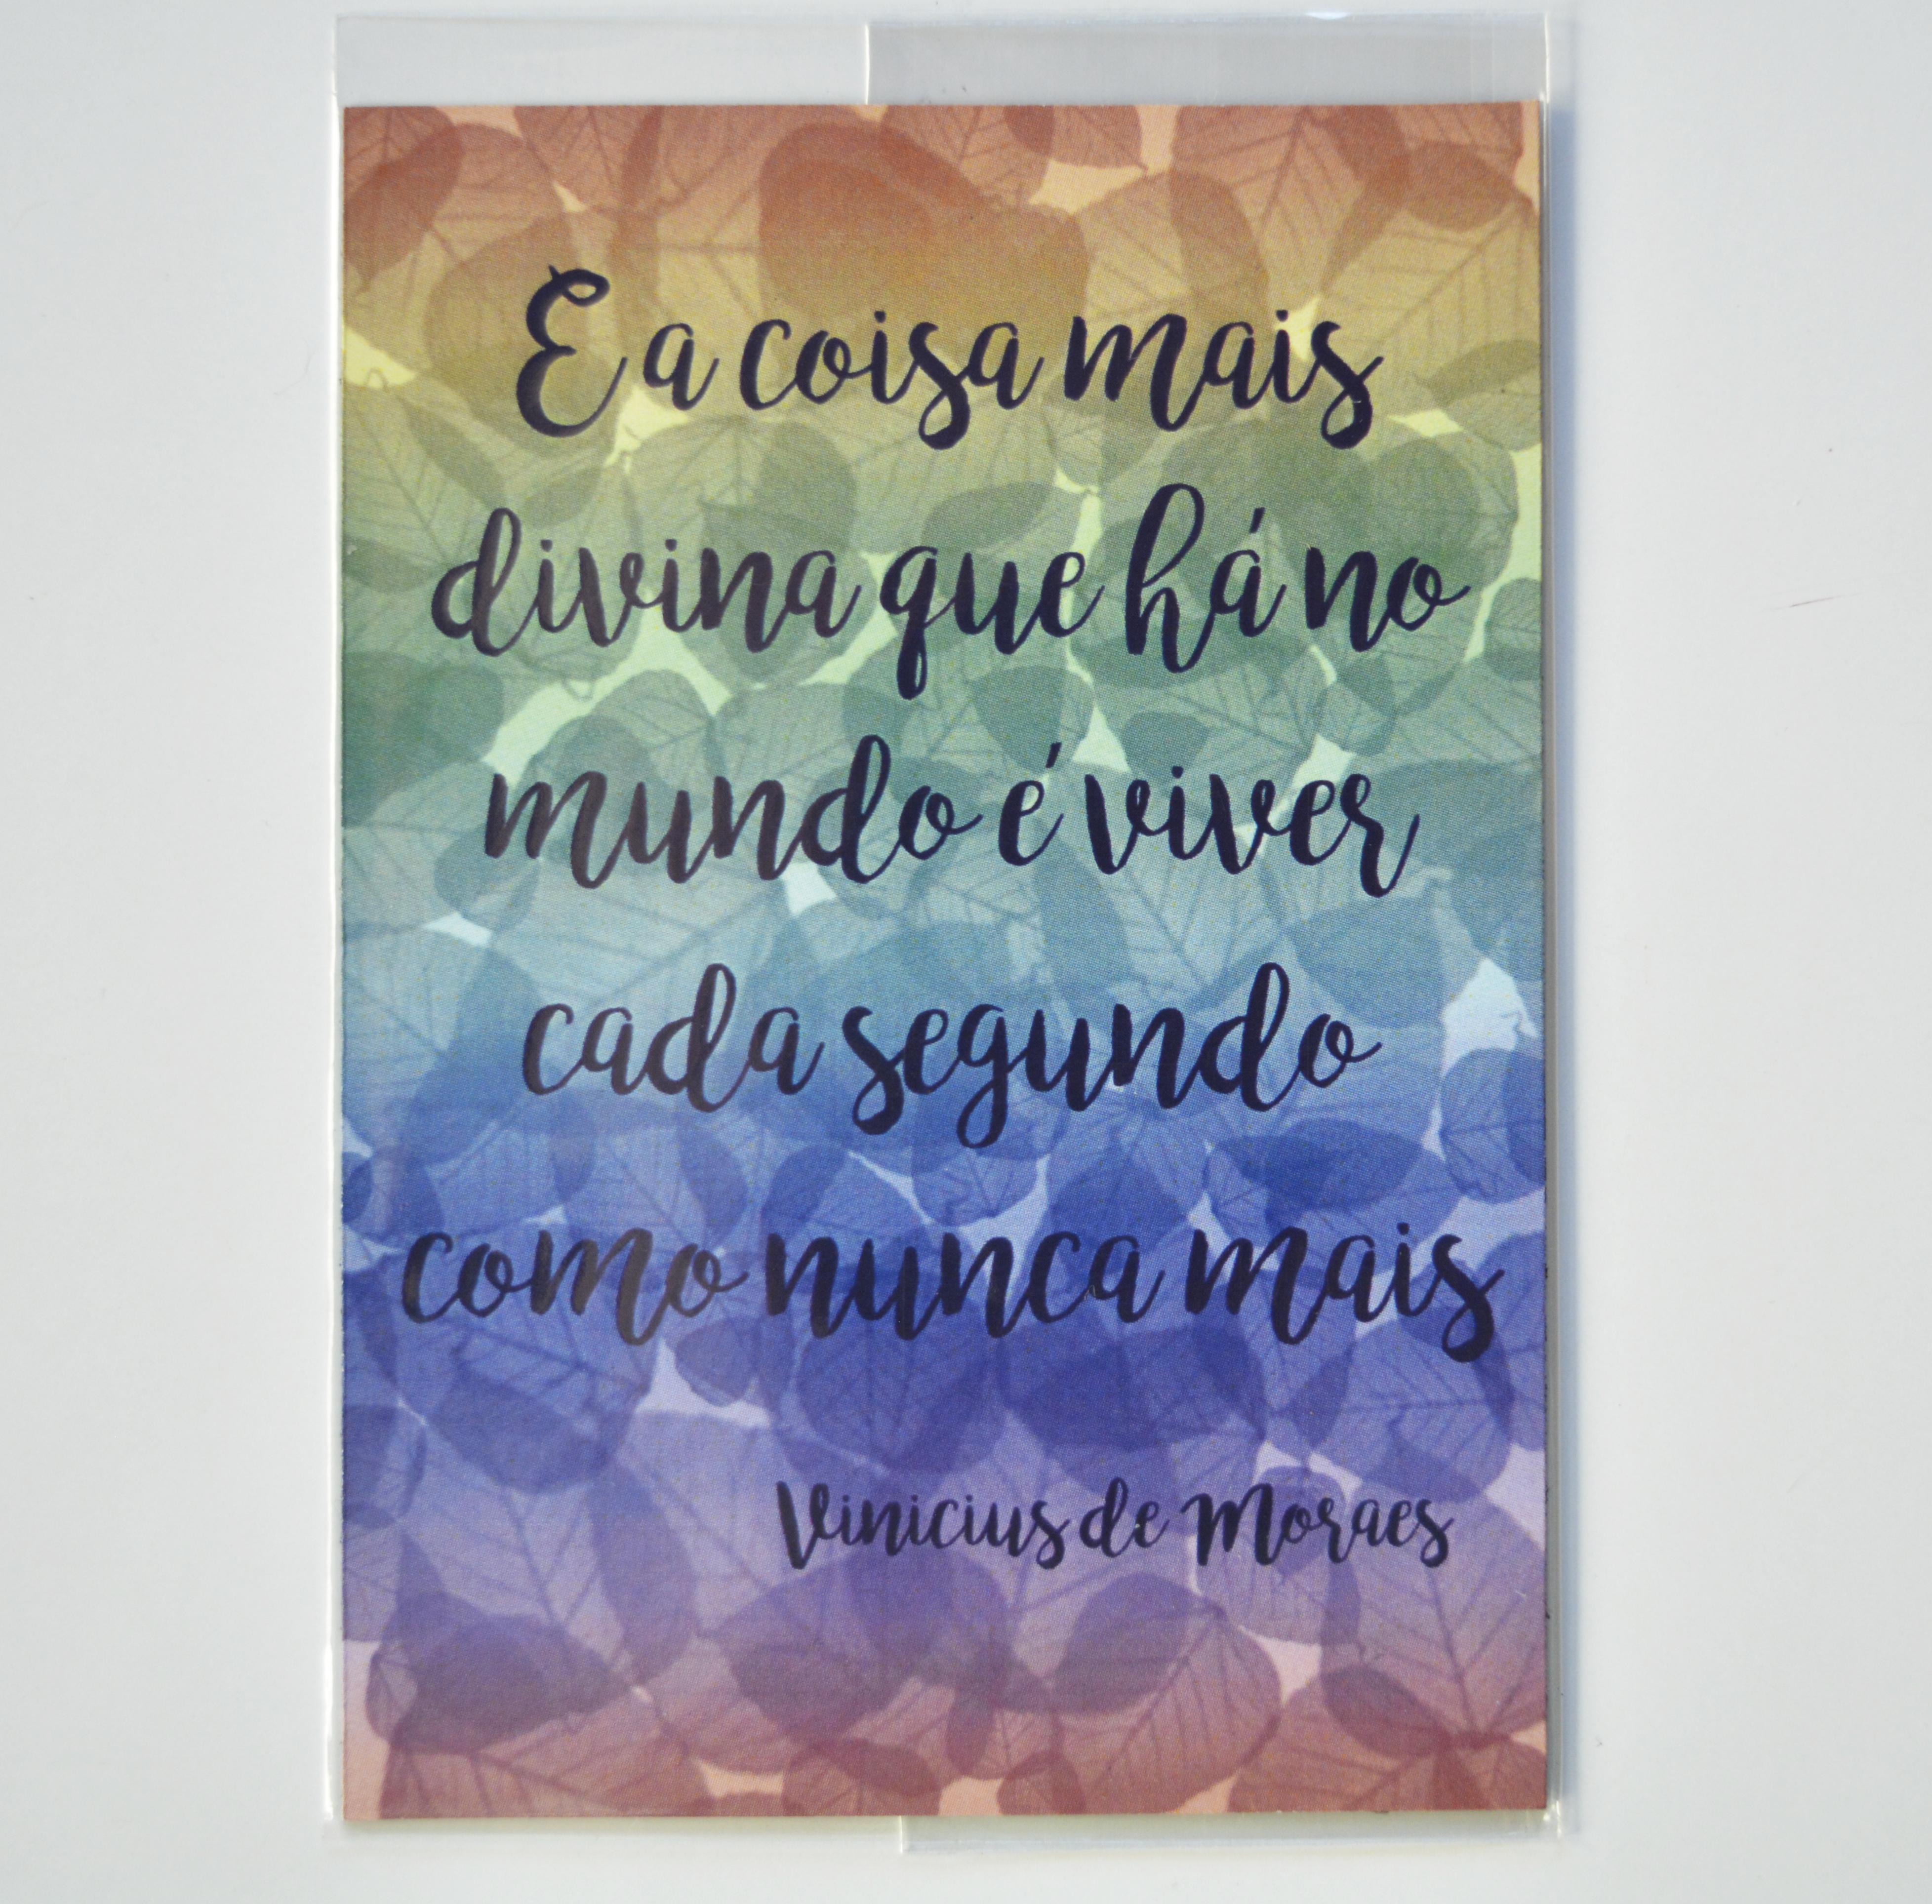 ímã Vinicius De Moraes No Elo7 Entre Quadro Paredes 999068